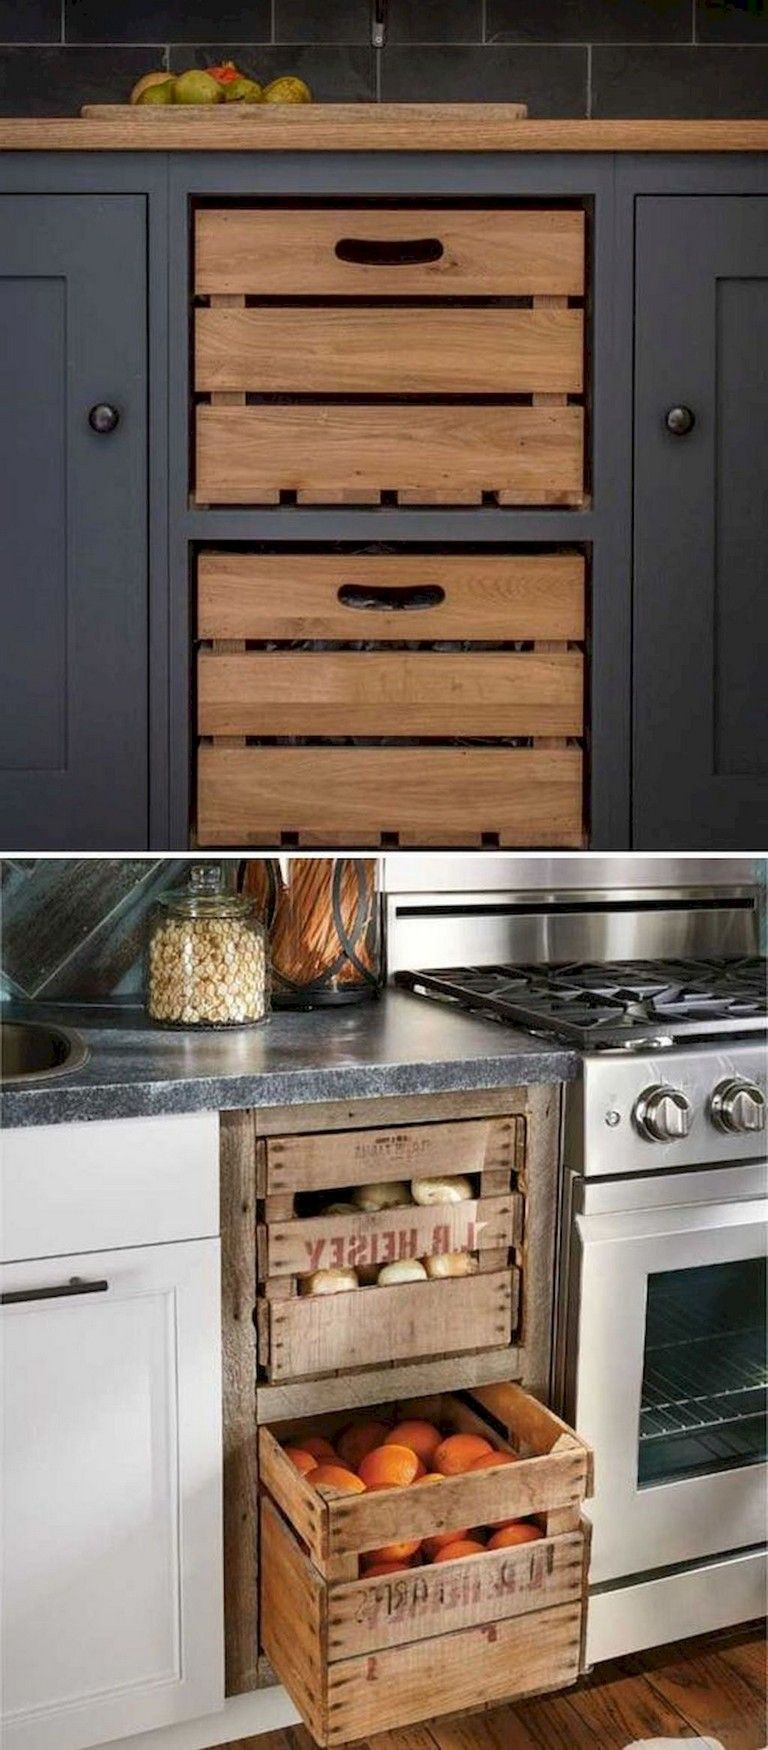 47+ Gorgeous Fresh Country Kitchen Decor Ideas